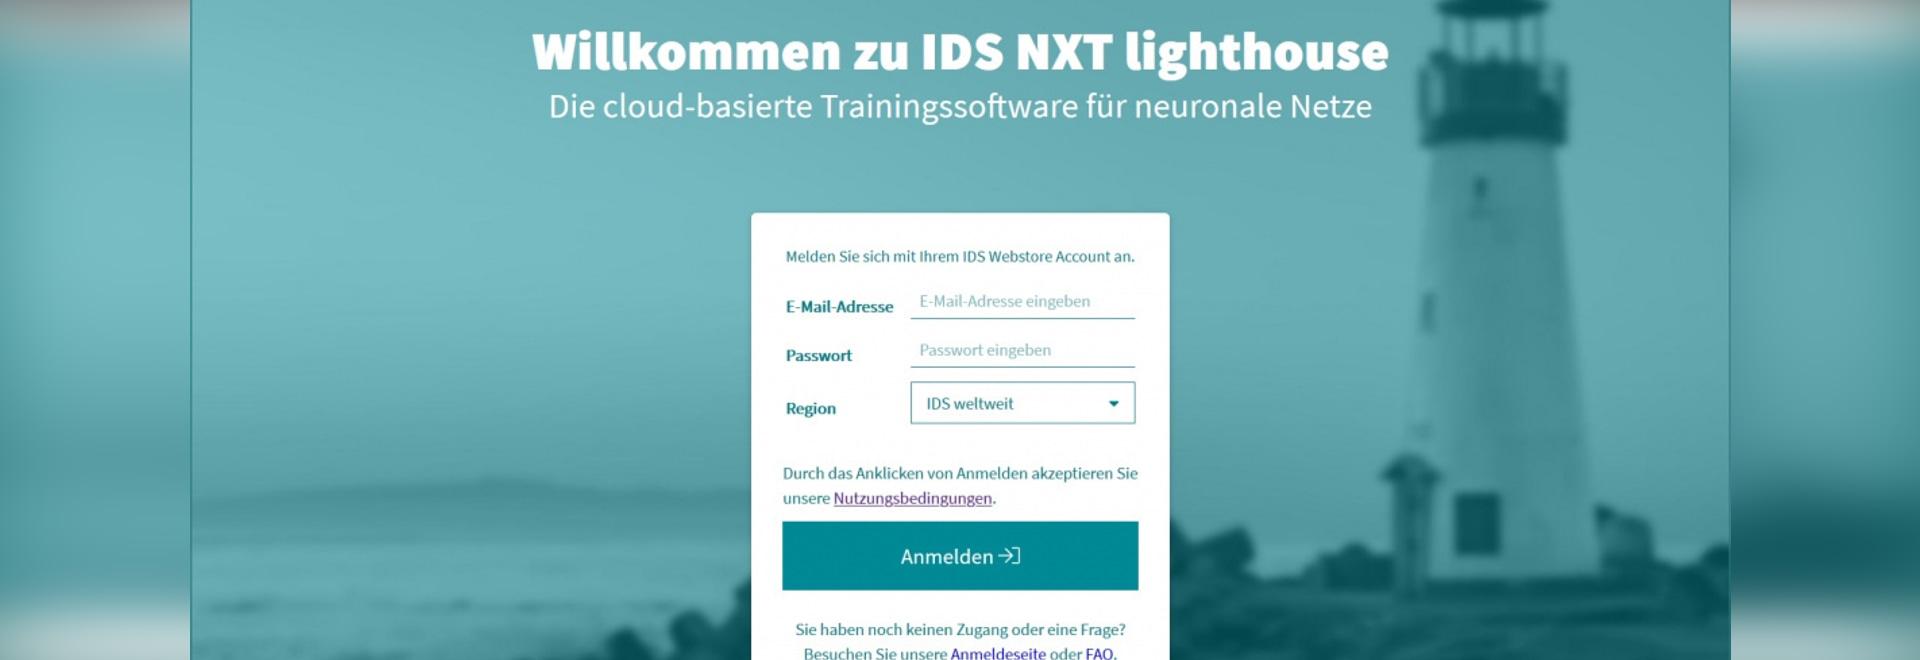 IDS NXT lighthouse